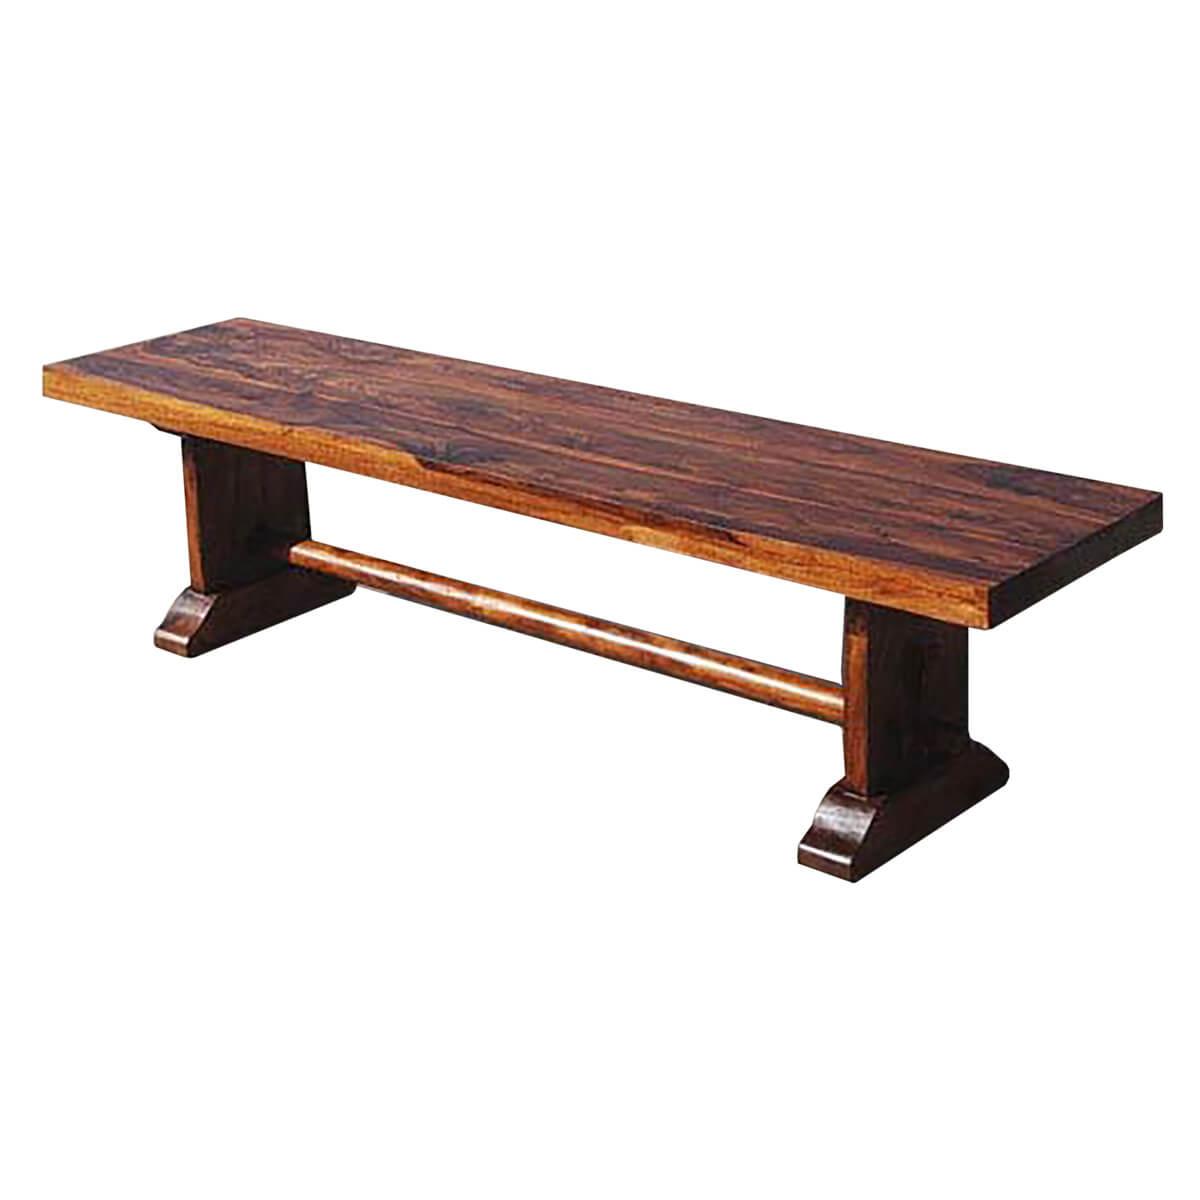 Indoor Wooden Bench Part - 23: ... Solid Rustic Wood Style Indoor Bench Furniture ...